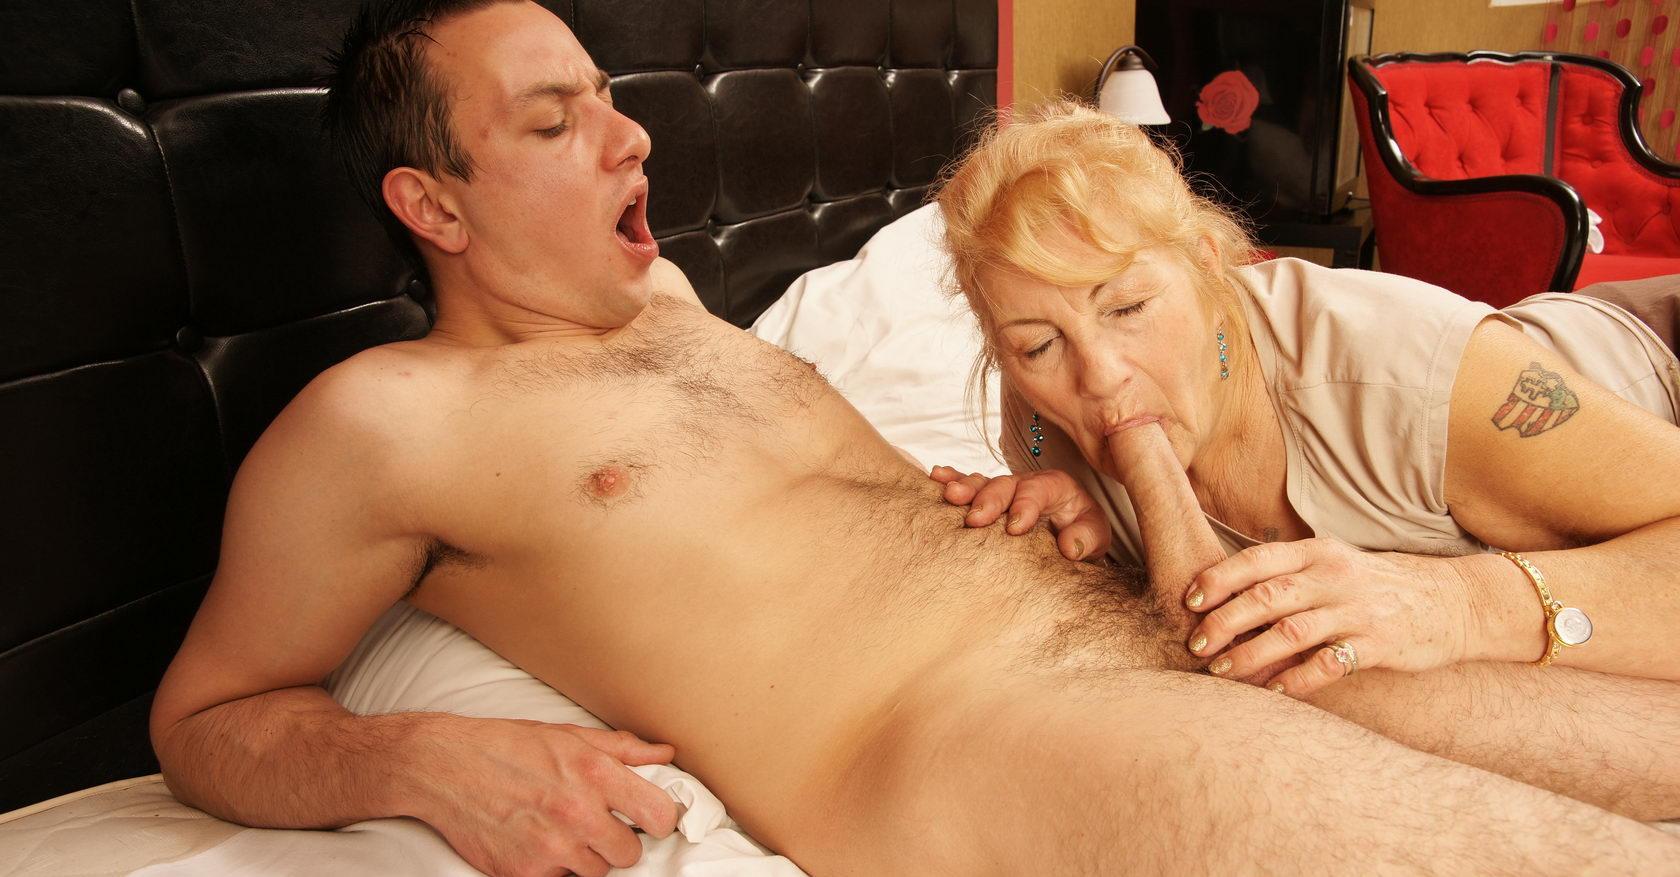 Mature Saggy Tits Blowjob